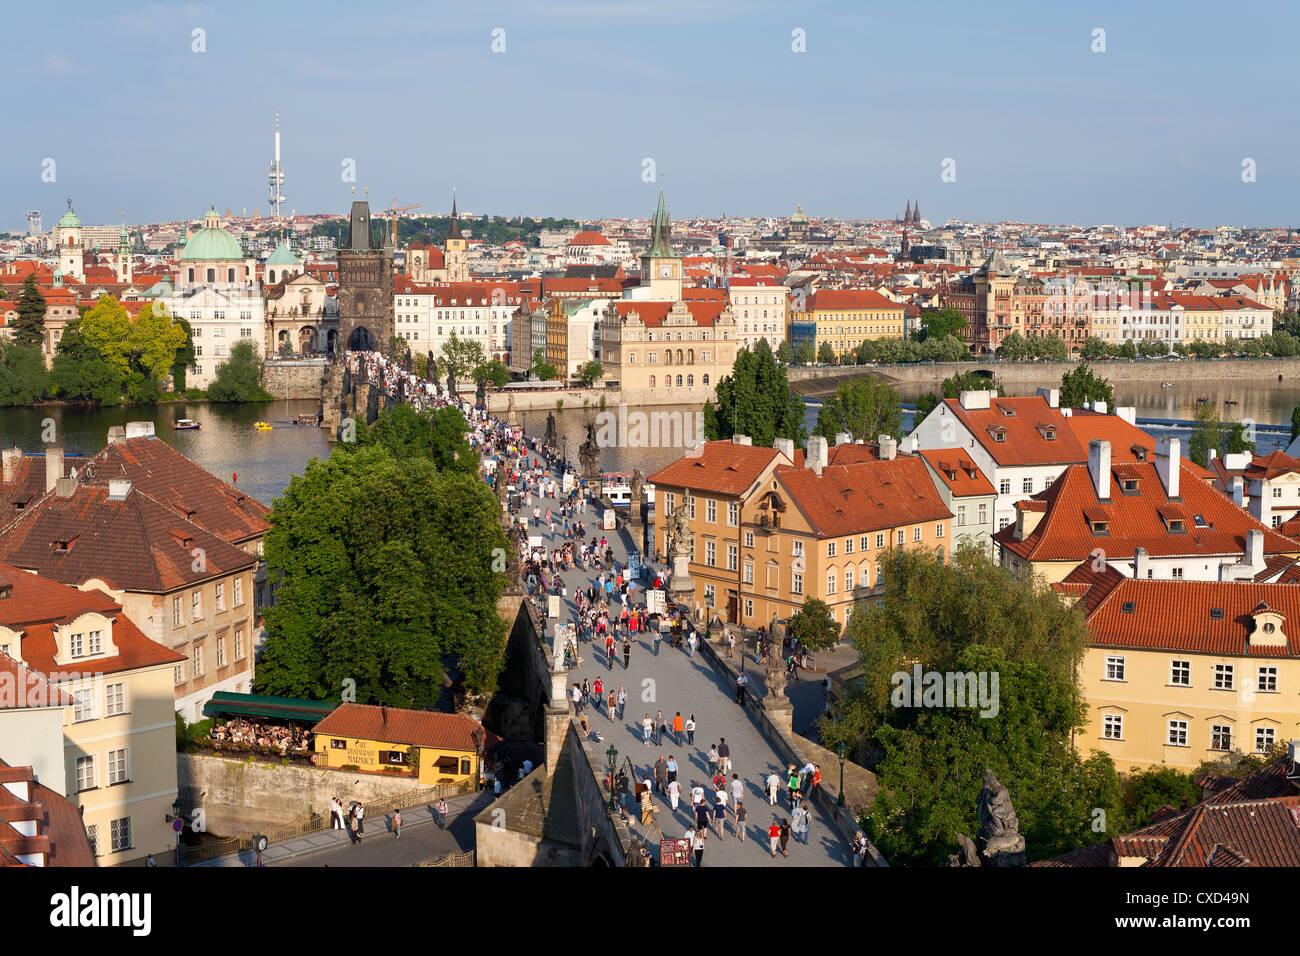 El Puente Charles, Sitio del Patrimonio Mundial de la UNESCO, Praga, República Checa, Europa Imagen De Stock